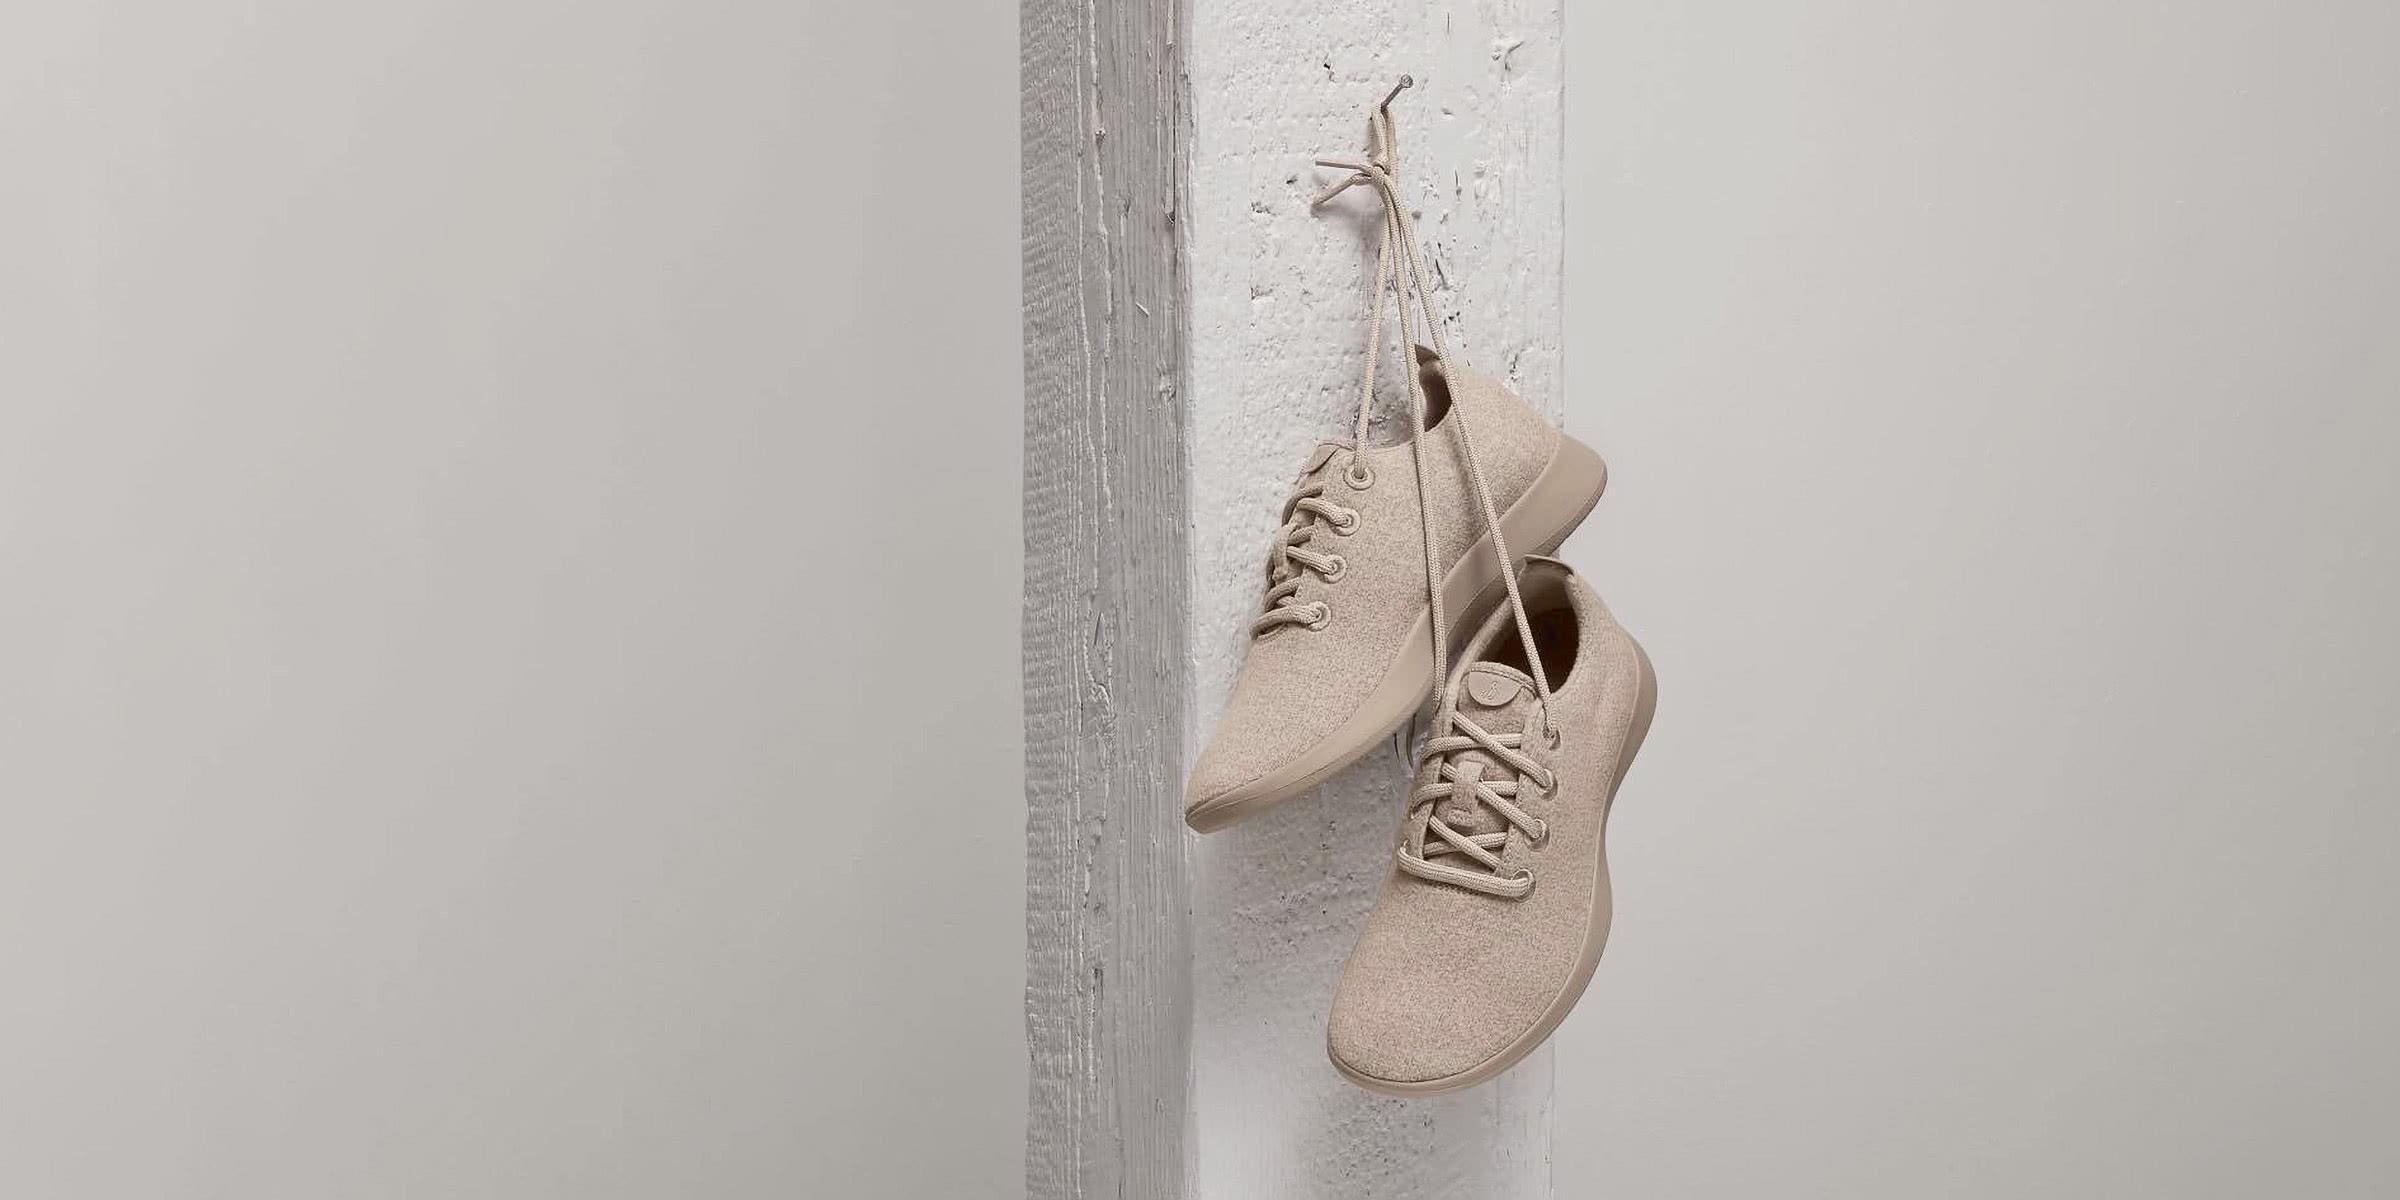 Allbirds sneakers review - Luxe Digital